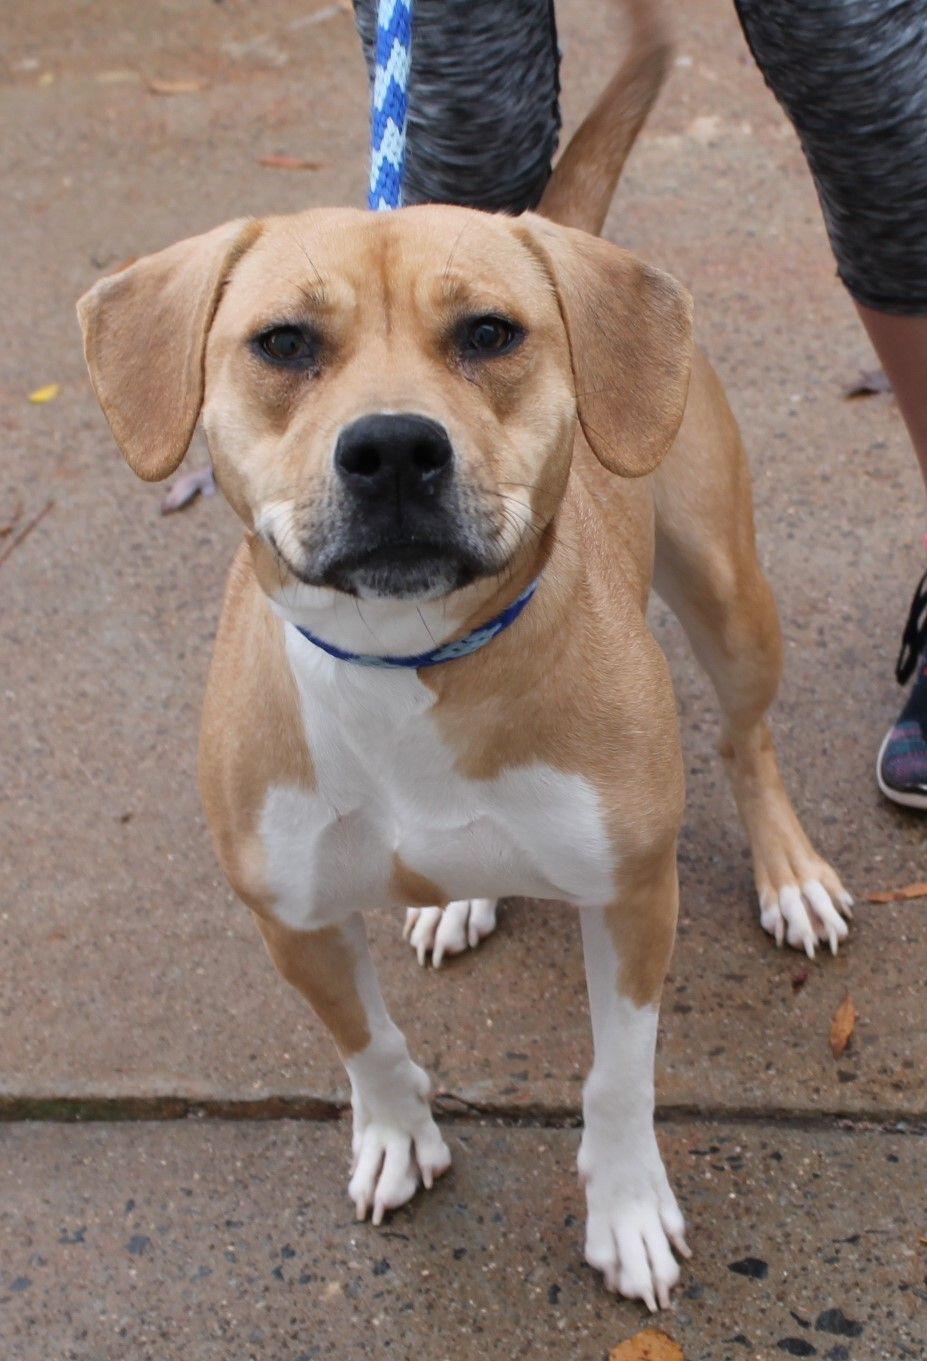 Labbe dog for Adoption in Kennesaw GA ADN on PuppyFinder